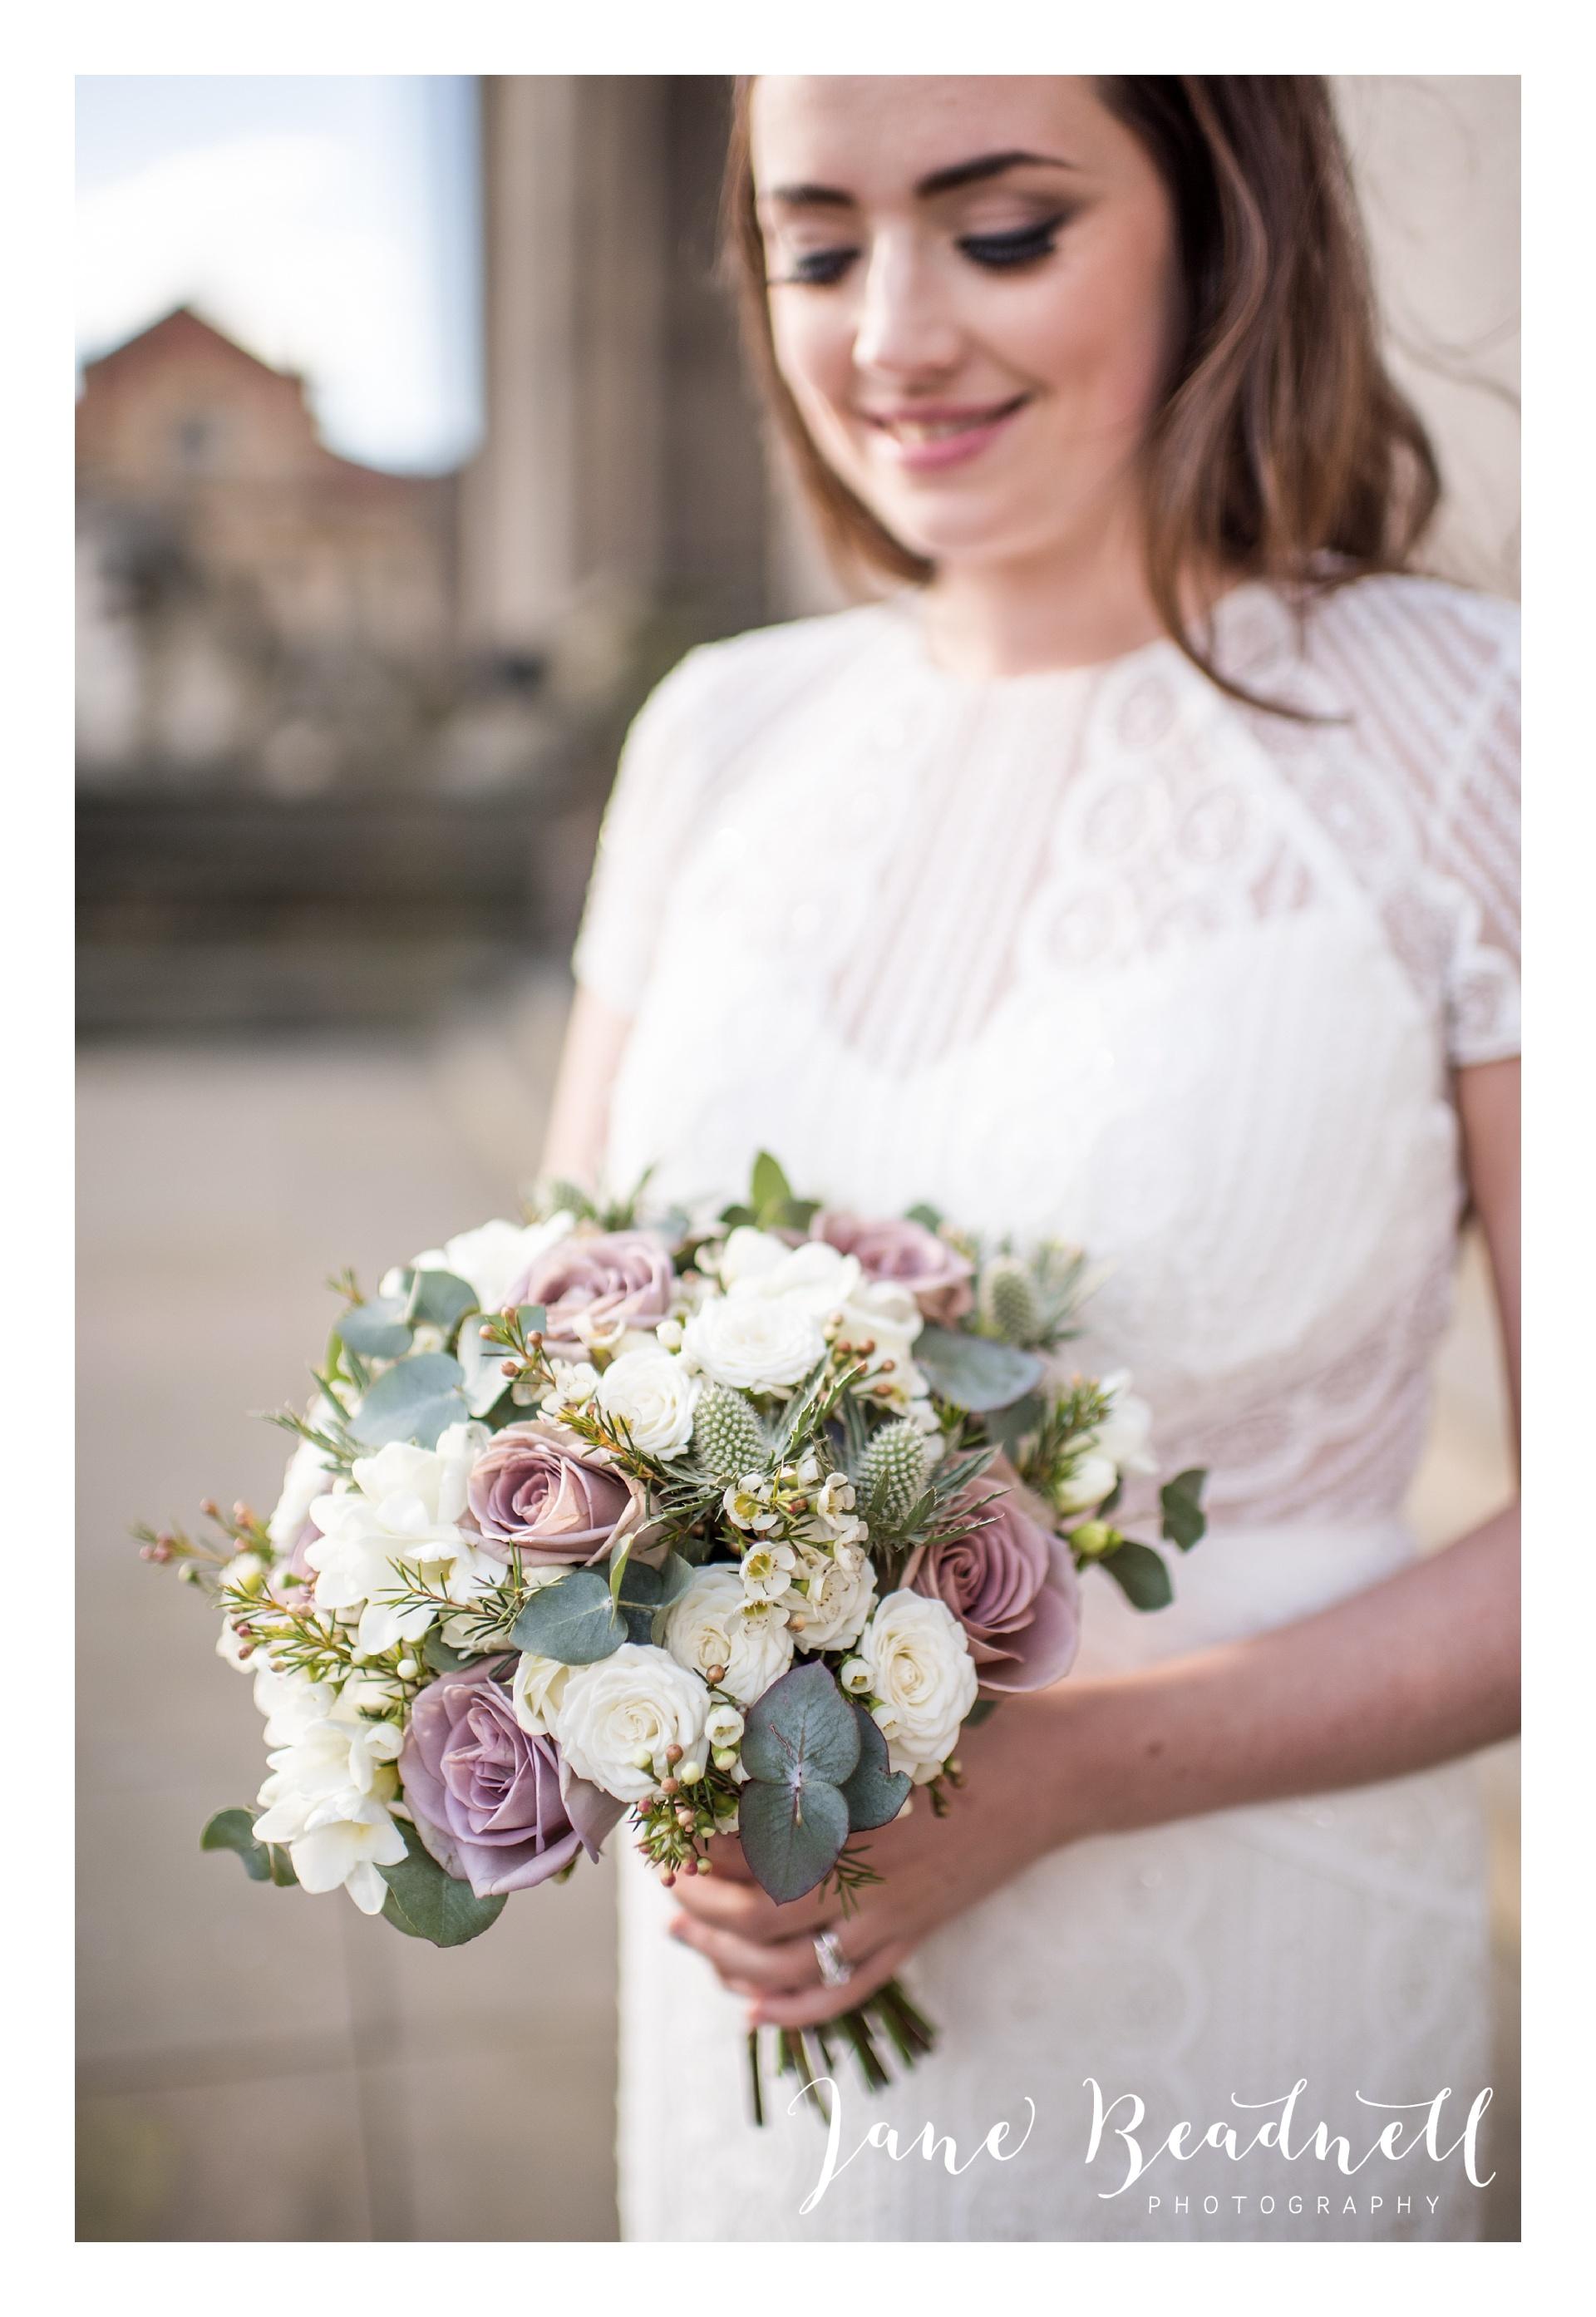 Wedding photography Cross Keys Leeds Wedding Jane Beadnell Photography_0077